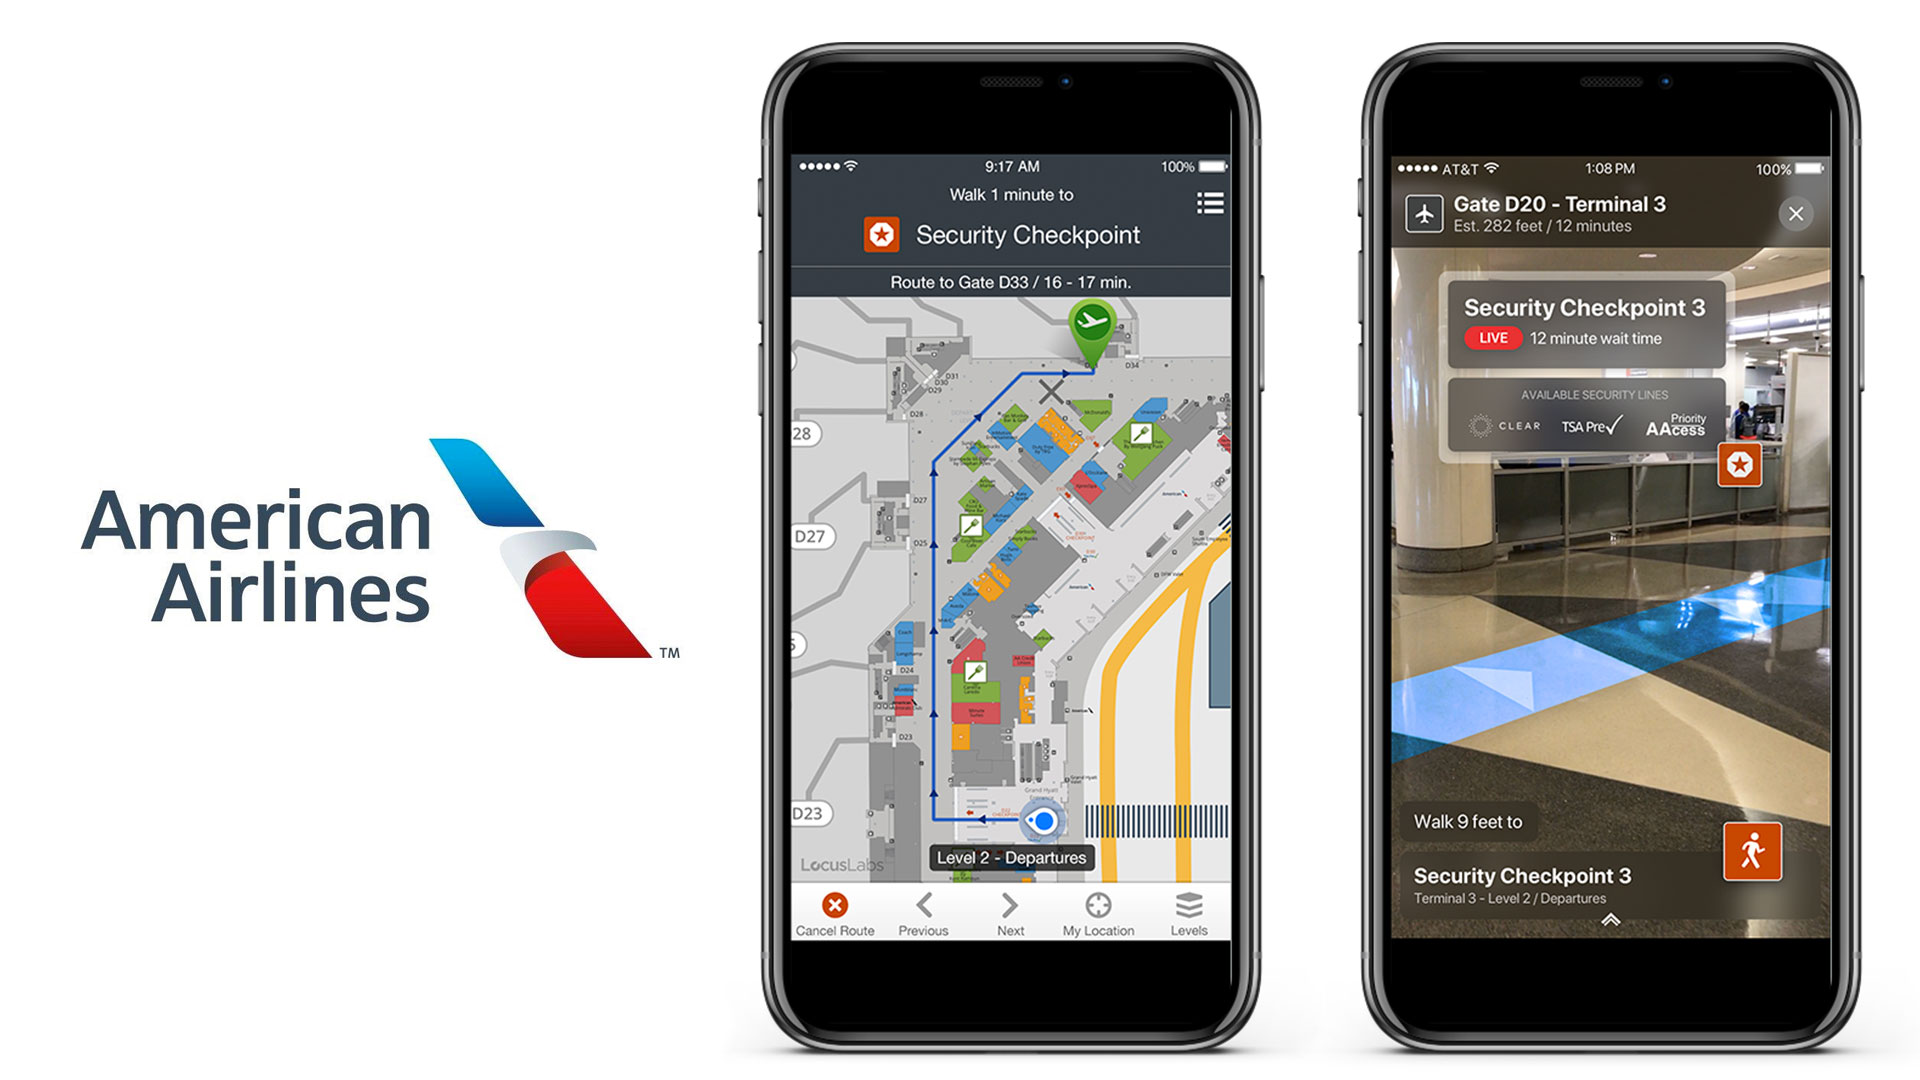 American Airlines Digital Wayfinding AR